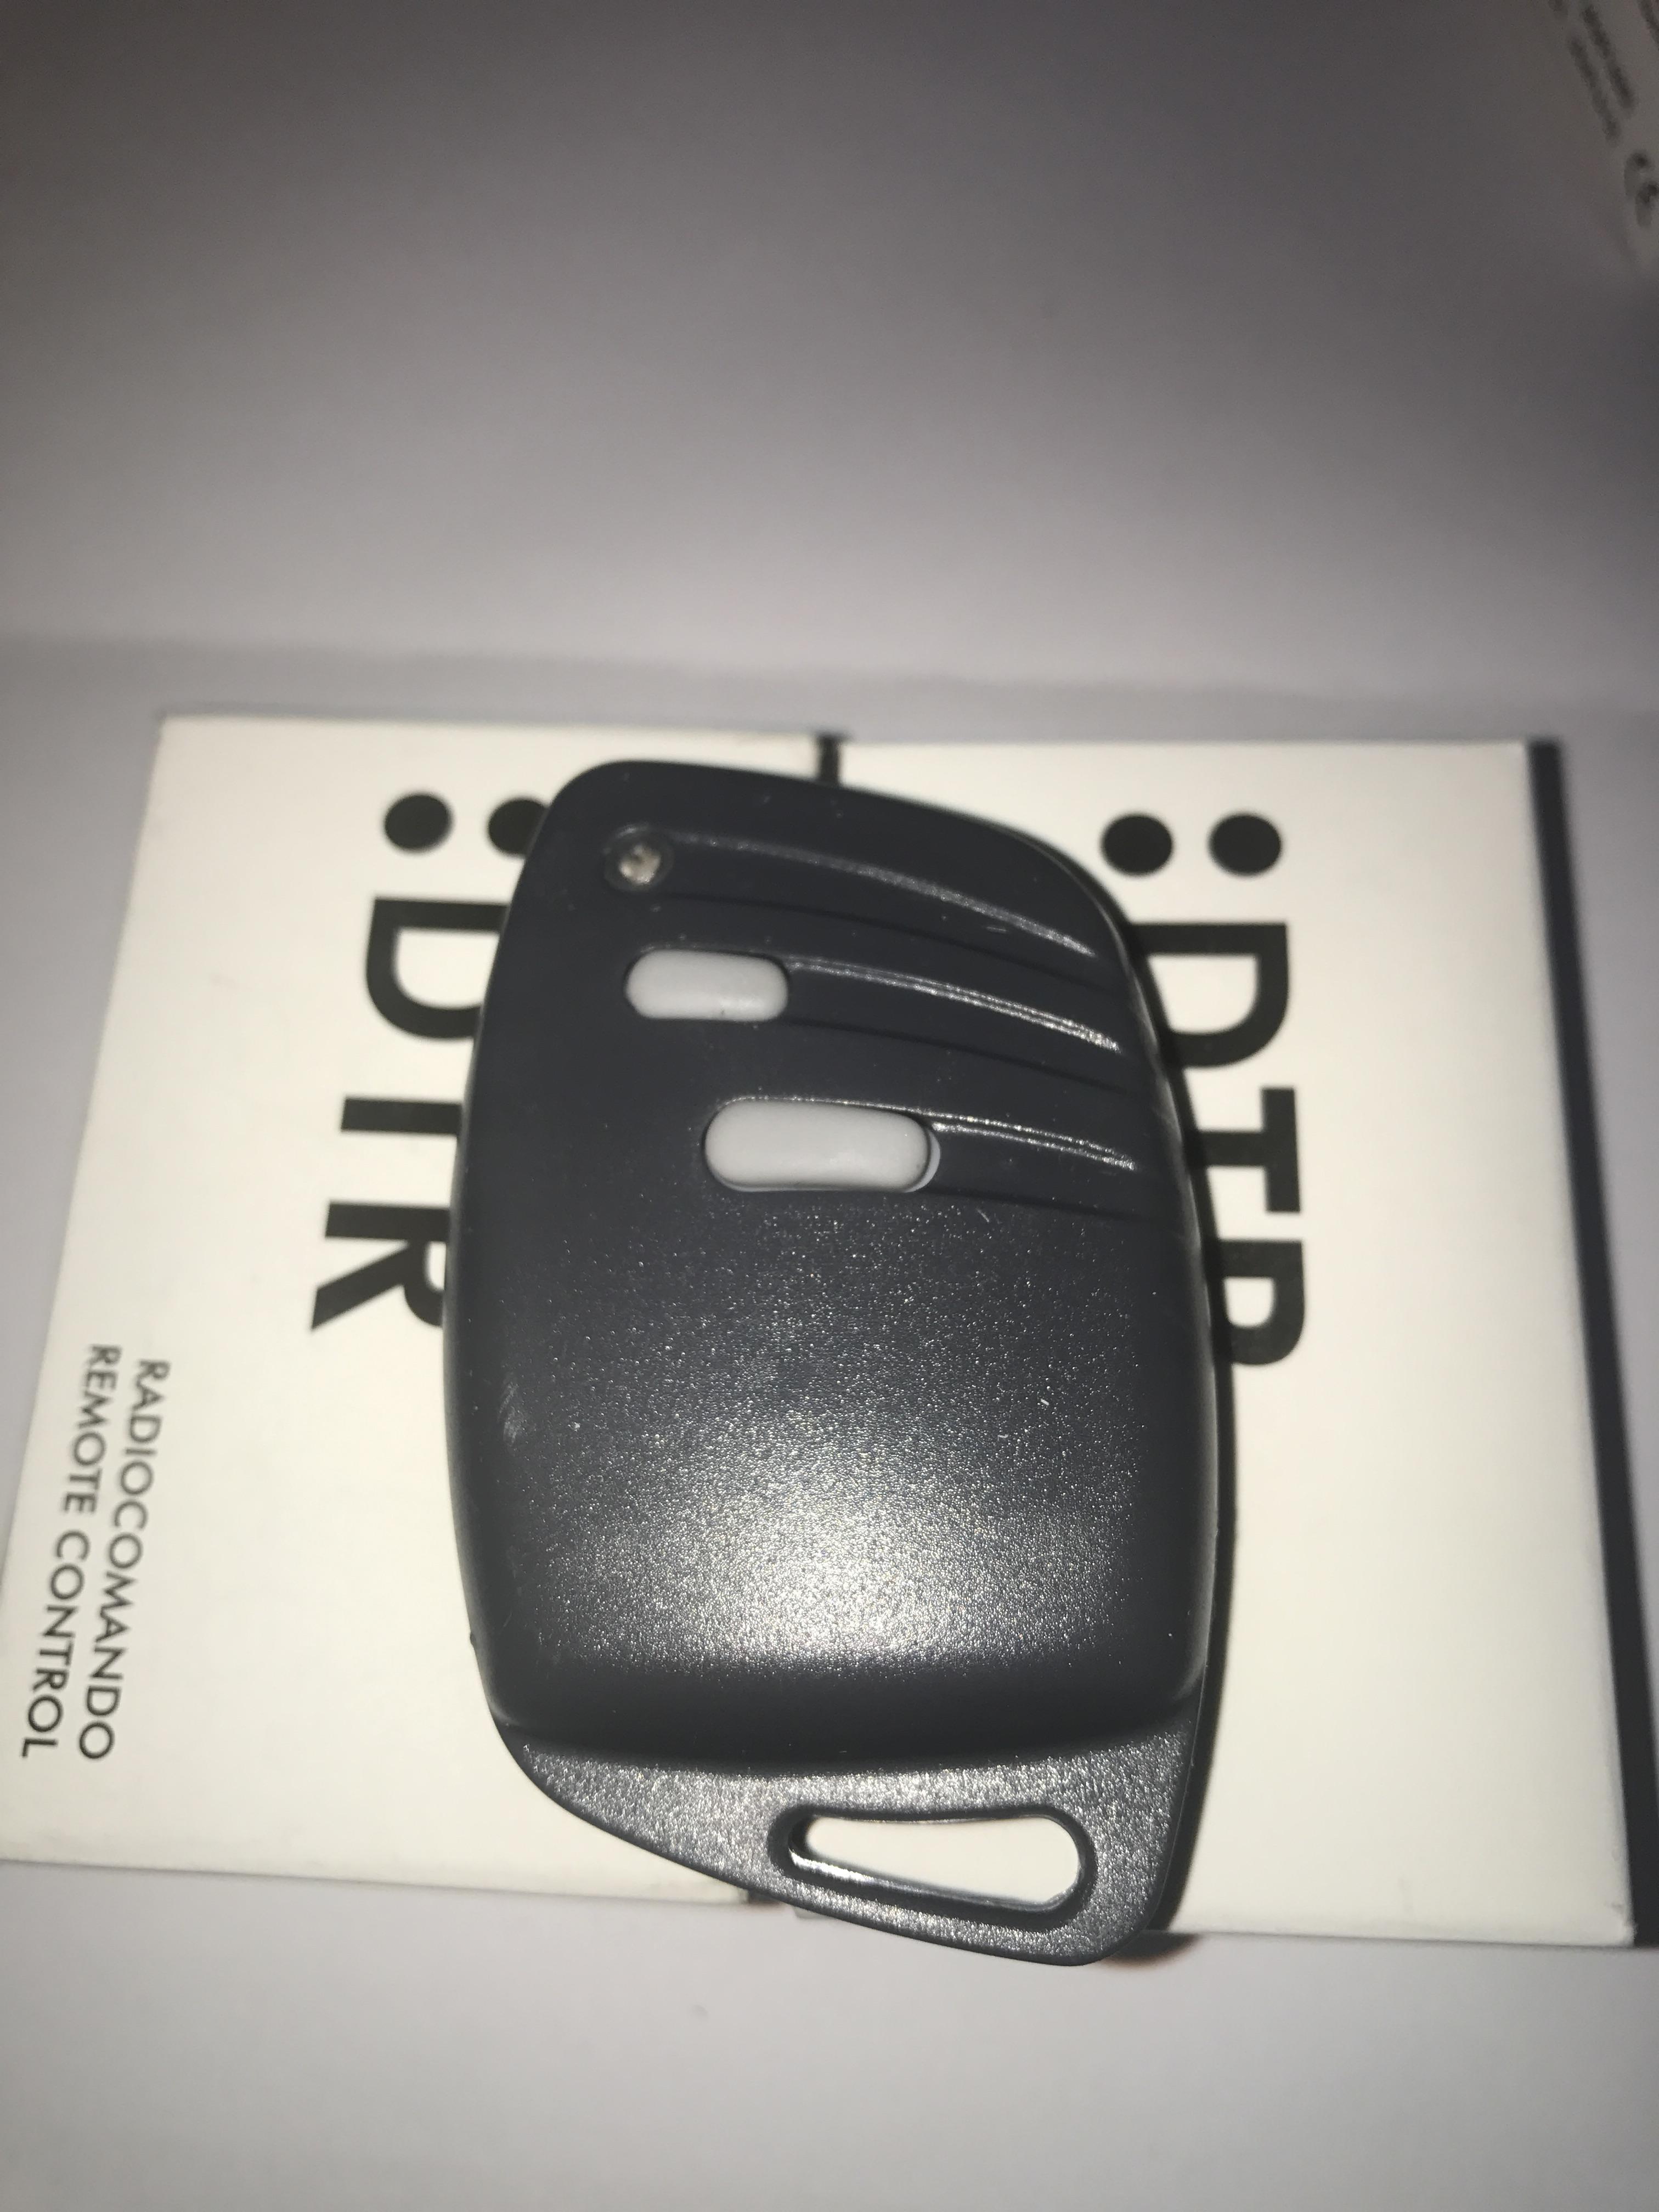 AU01600  2 x 2 Button Gibidi Transmitter